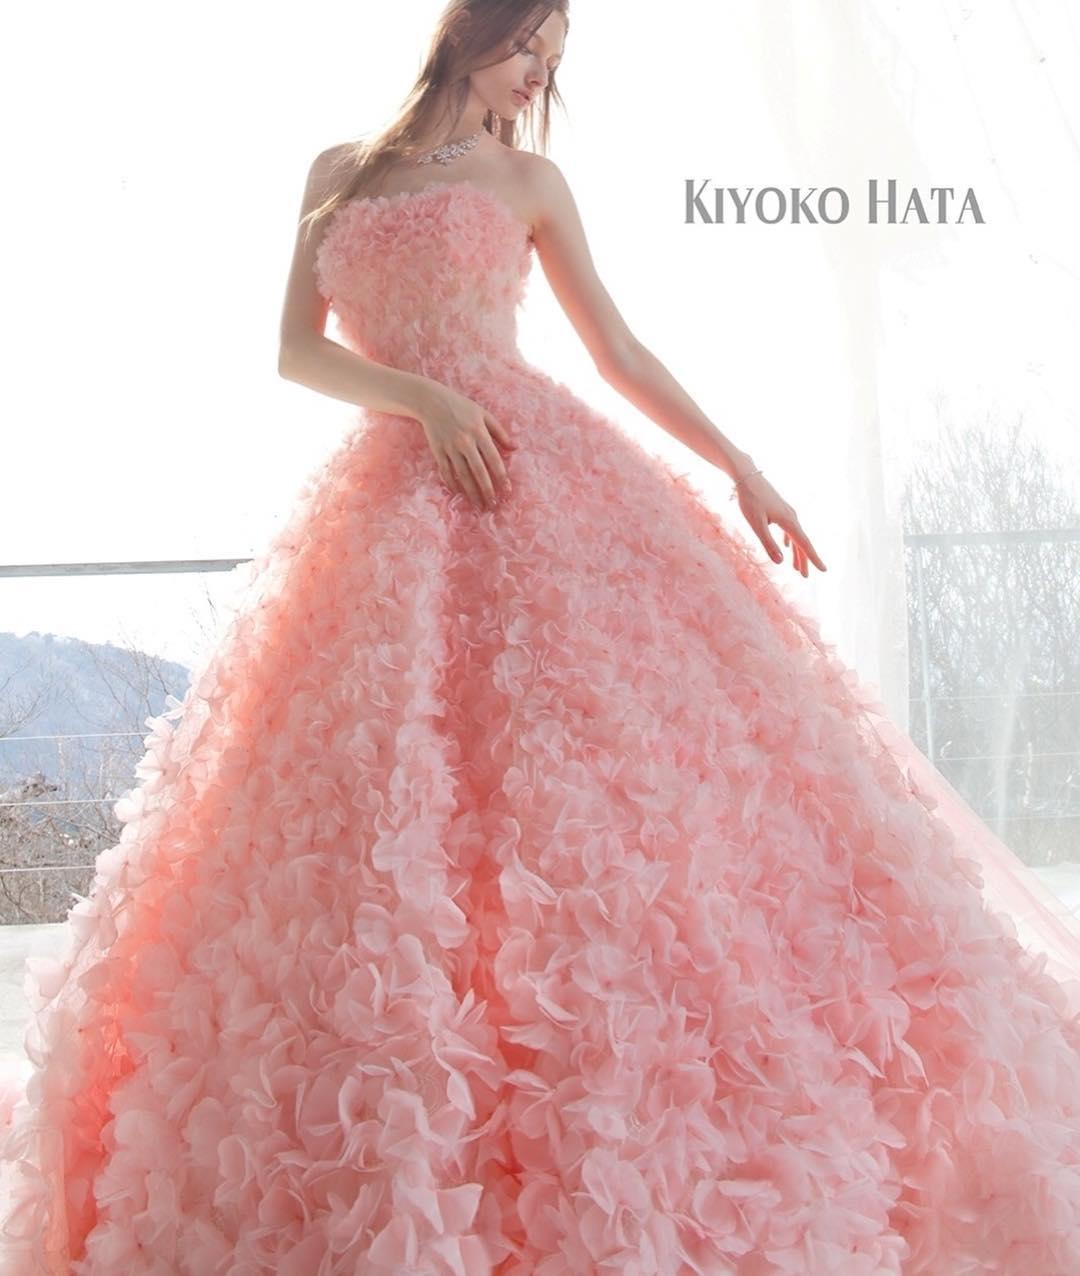 ブライダルヒロです☪️新しいカラードレスのご紹介です♪♪人気ブランド#キヨコハタ のピンクドレスですが、花びらが全面についたようなお洒落な一着.試着来店お気軽にどうぞ(*^_^*)平日も休日も試着数に制限なく、お好きなだけ試着できます.#ブライダルヒロ#bridalhiro #ウェディングドレス#カラードレス#カラードレス試着#カラードレスレンタル#ピンクドレス#kiyokohata  #kiyokohataドレス #キヨコハタドレス #ドレスレンタル#ドレスショップ#ドレス試着#プレ花嫁#全国のプレ花嫁さんと繋がりたい #全国の花嫁さんと繋がりたい#結婚式#披露宴#ブライダル#お色直し#ドレス迷子#ドレス迷子の花嫁さんを救いたい#東京#東京都目黒区